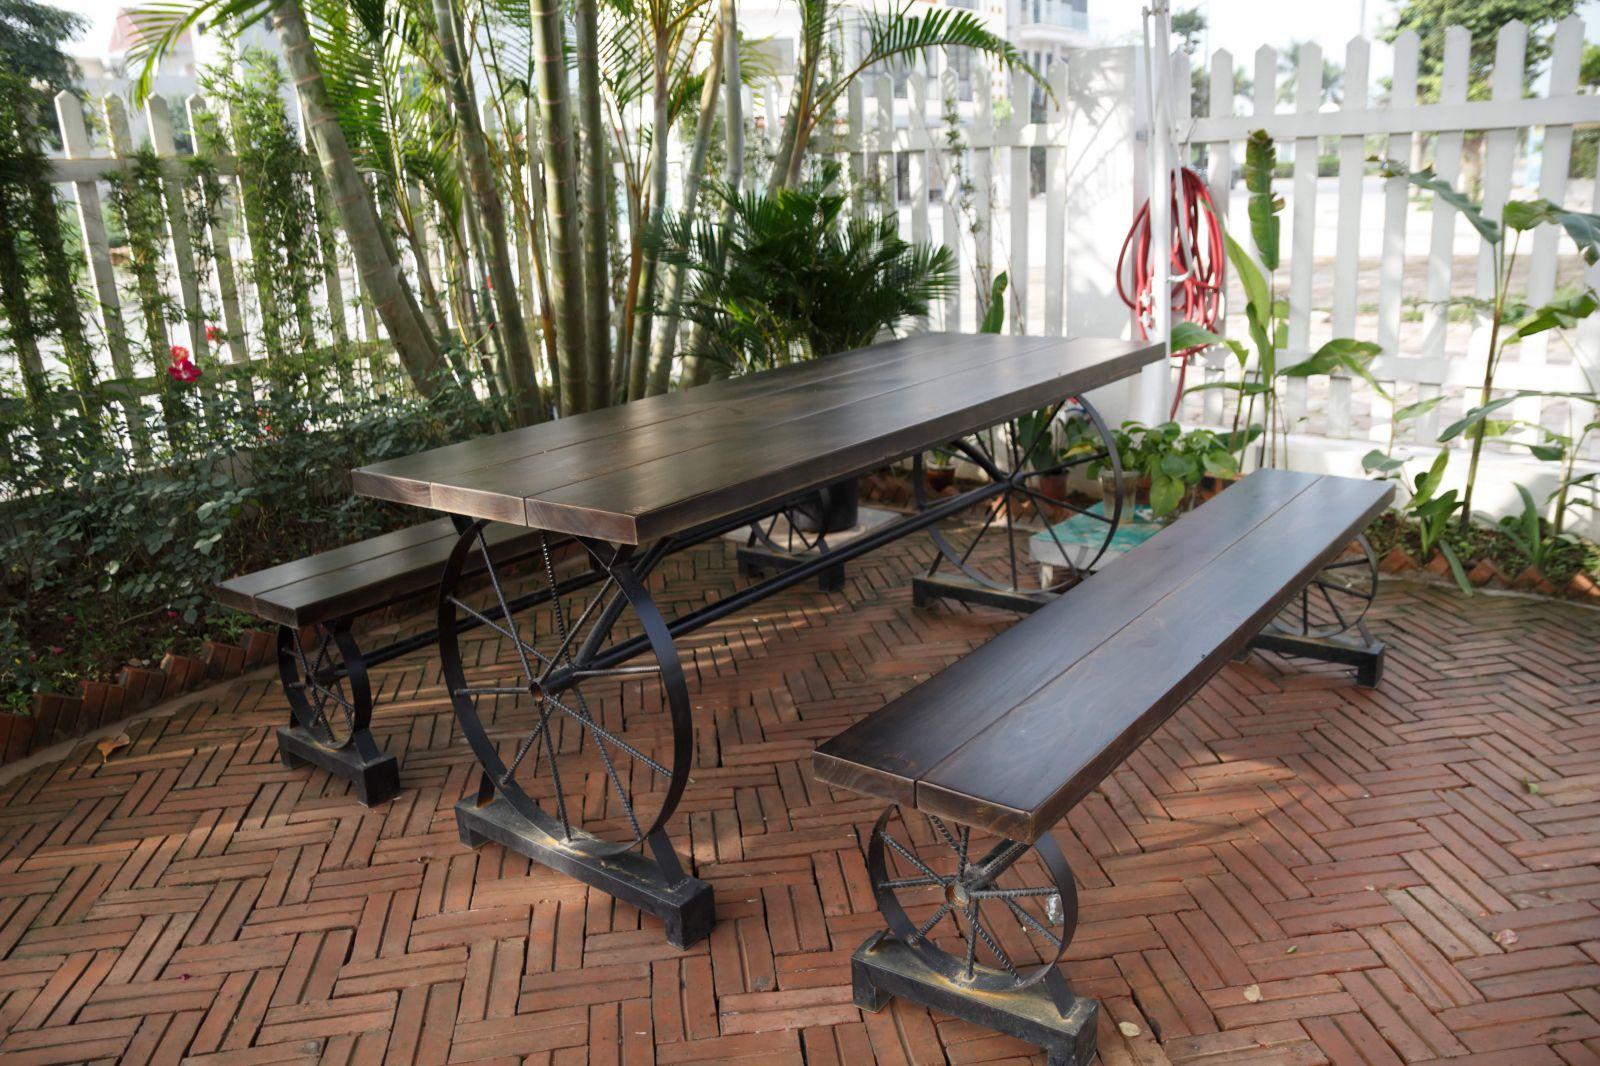 bộ bàn ghế cafe sân vườn mv310 pcm sản xuất